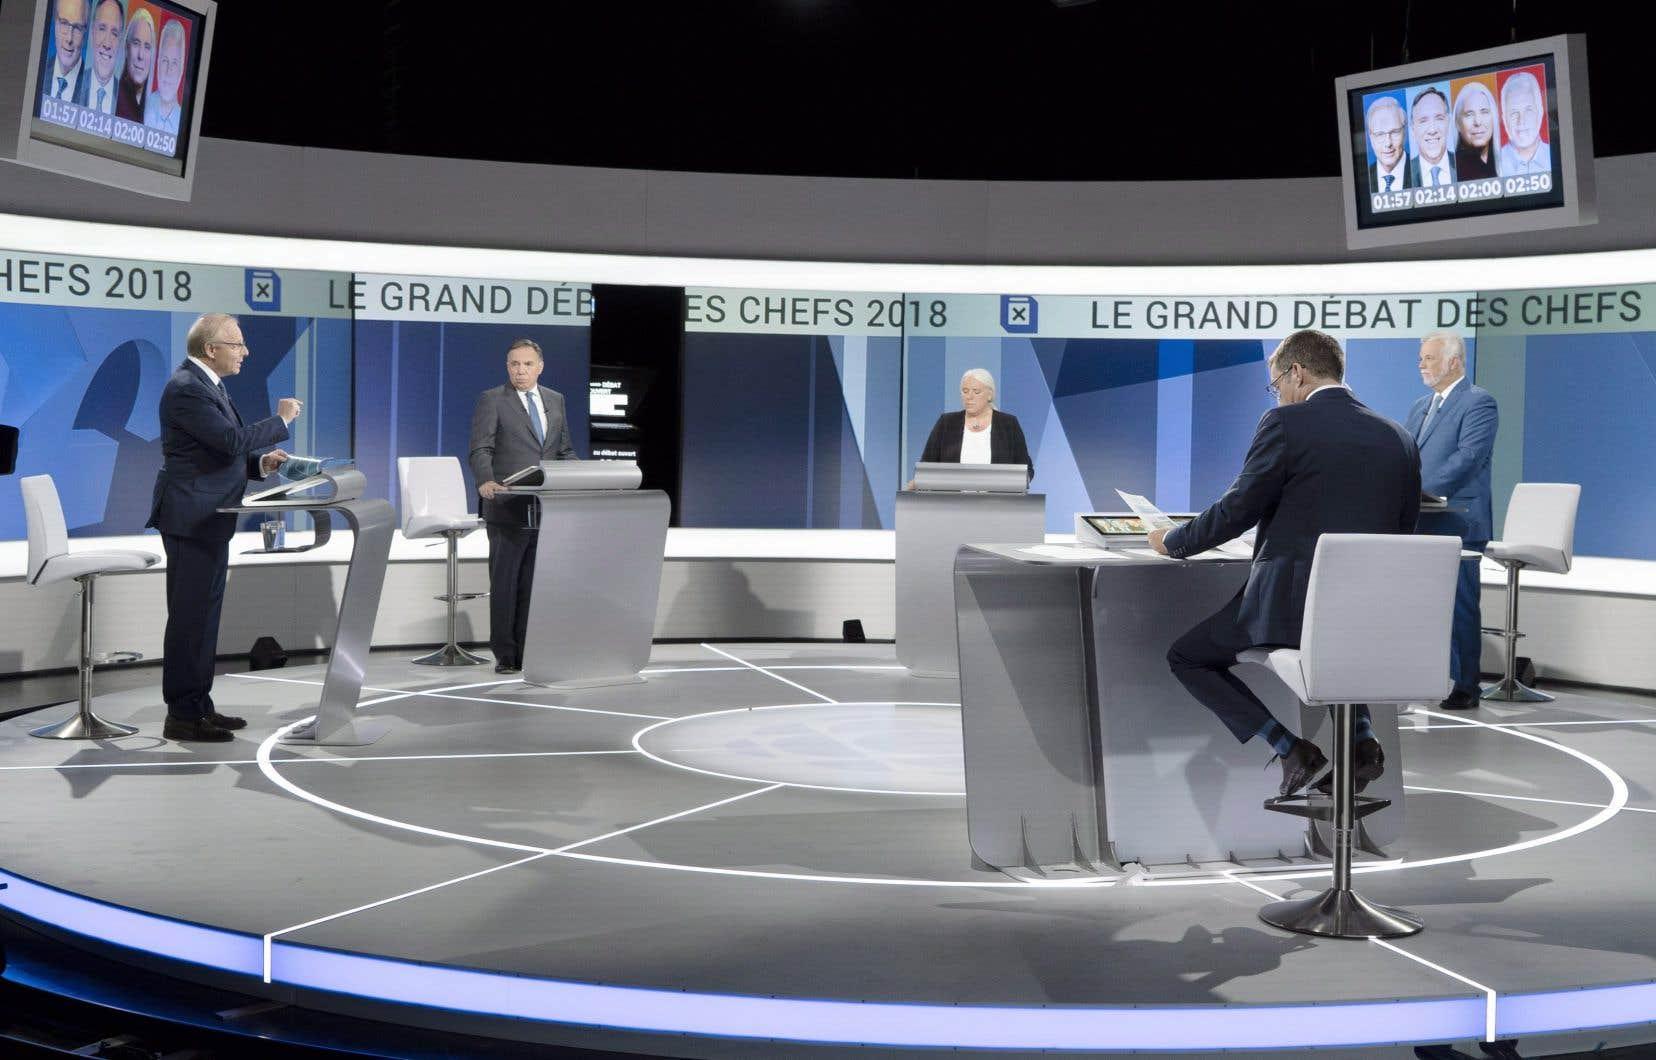 Actuellement, seuls les partis politiques qui sont représentés à l'Assemblée nationale sont invités à prendre part au débat télévisé.